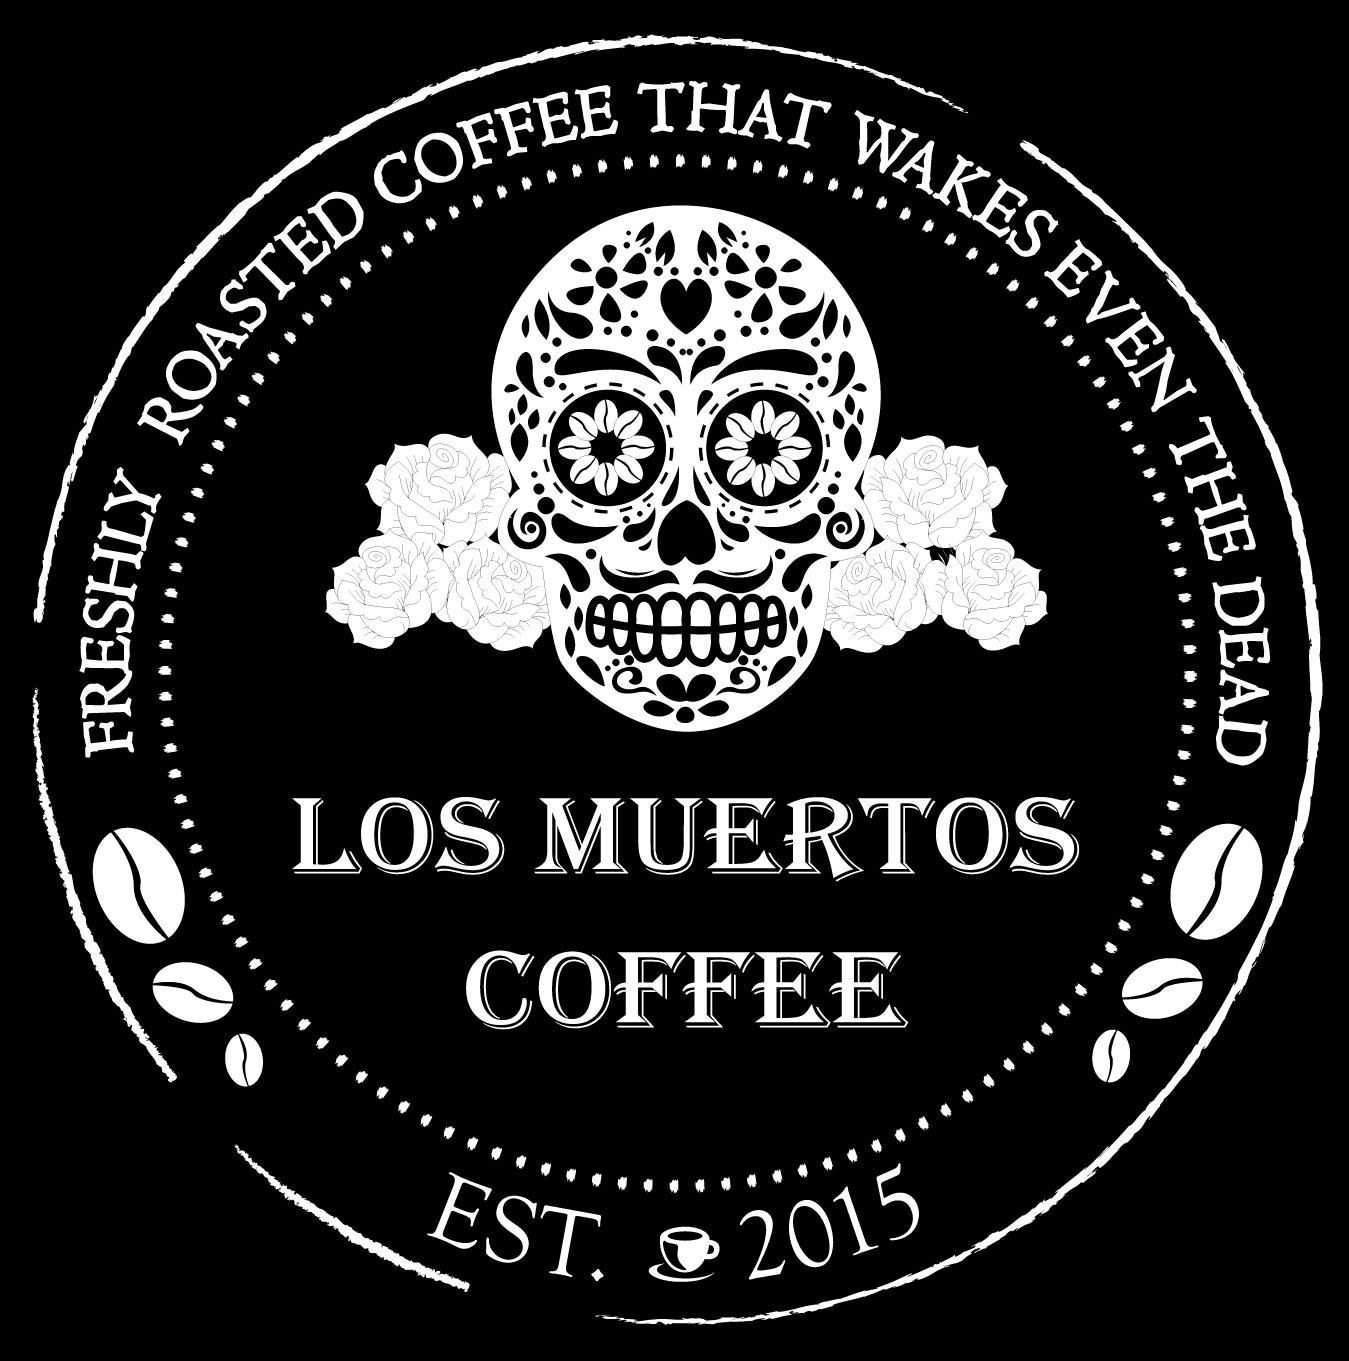 Los Muertos e-shop